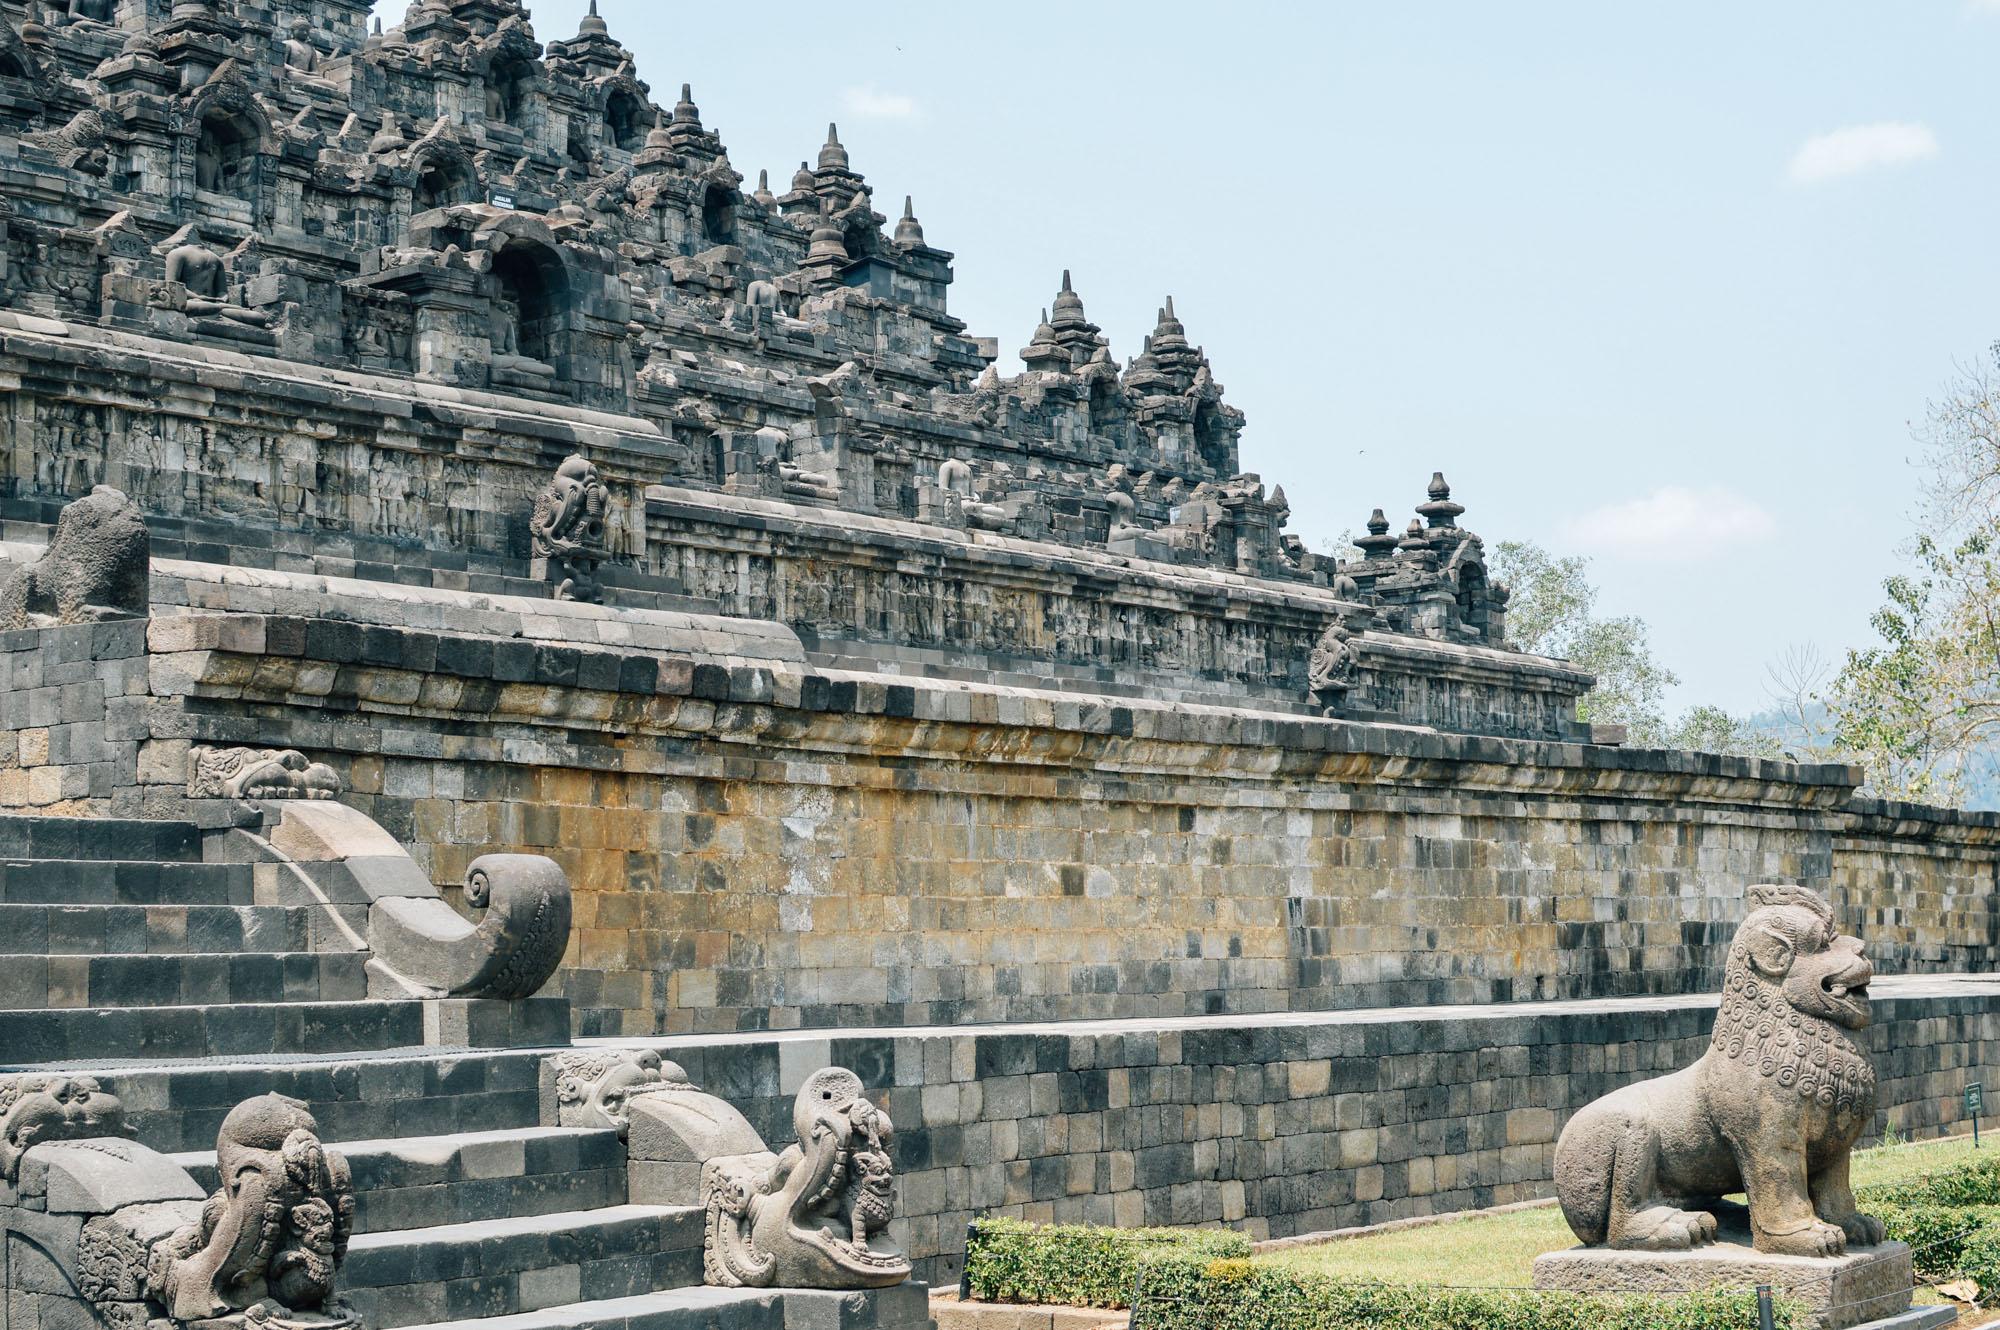 prambanan 1 - Jogyakarta met Tempels